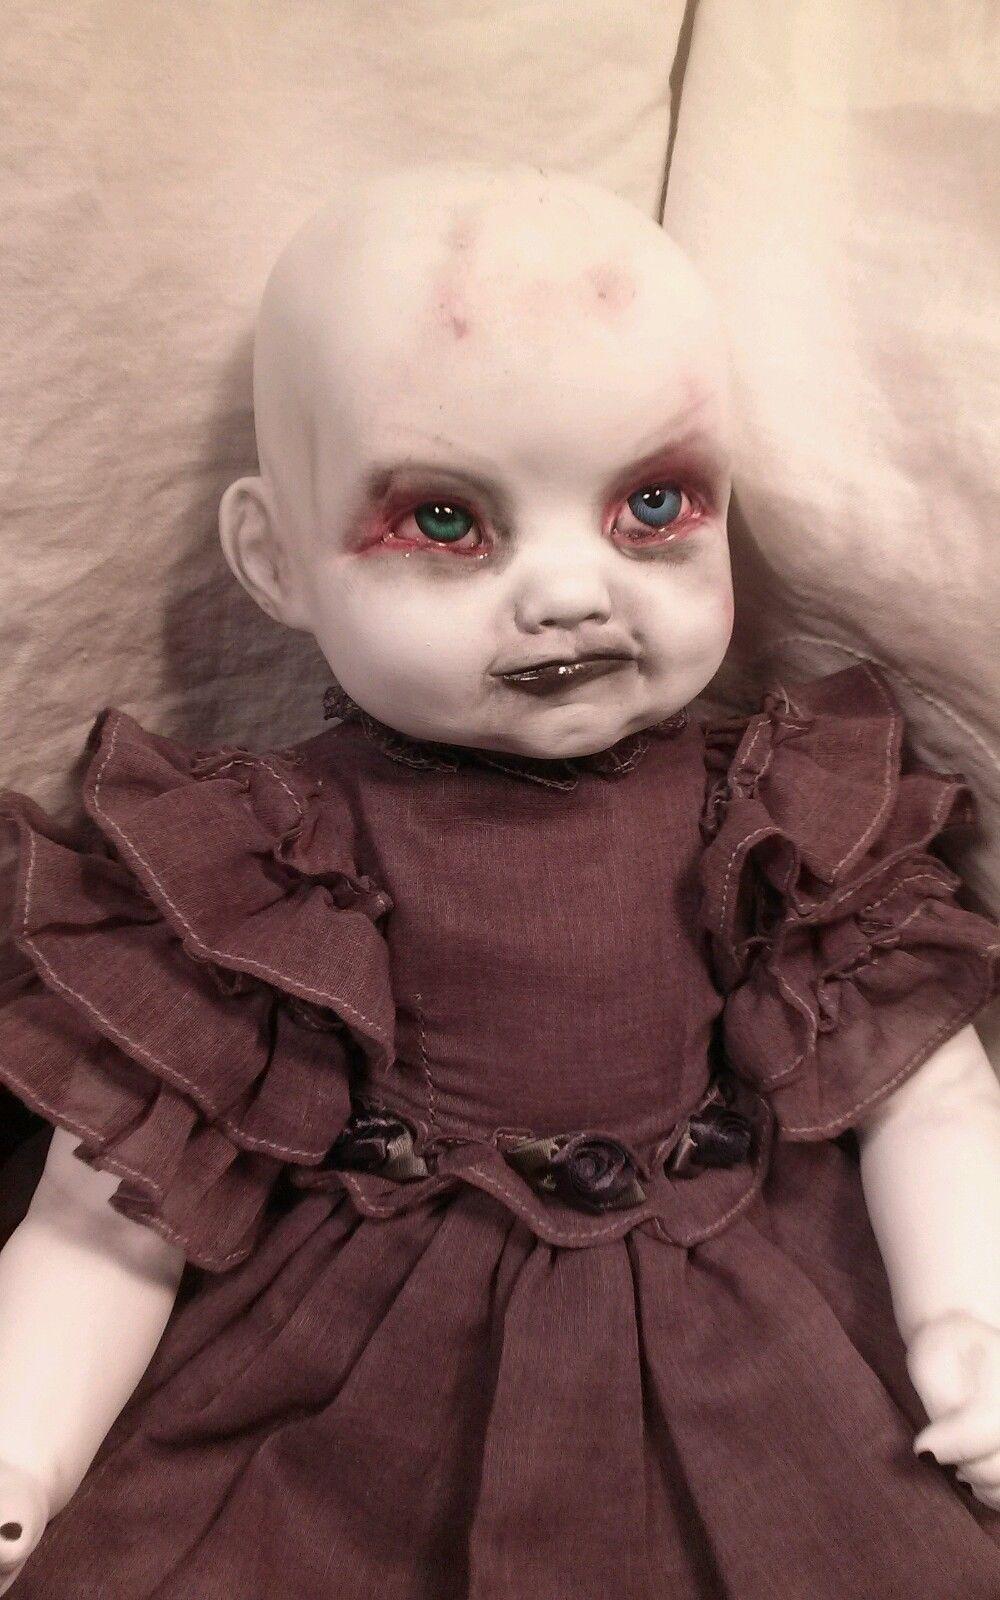 babe creepy ooak horror baby doll in 2018 | ooak zombie babies